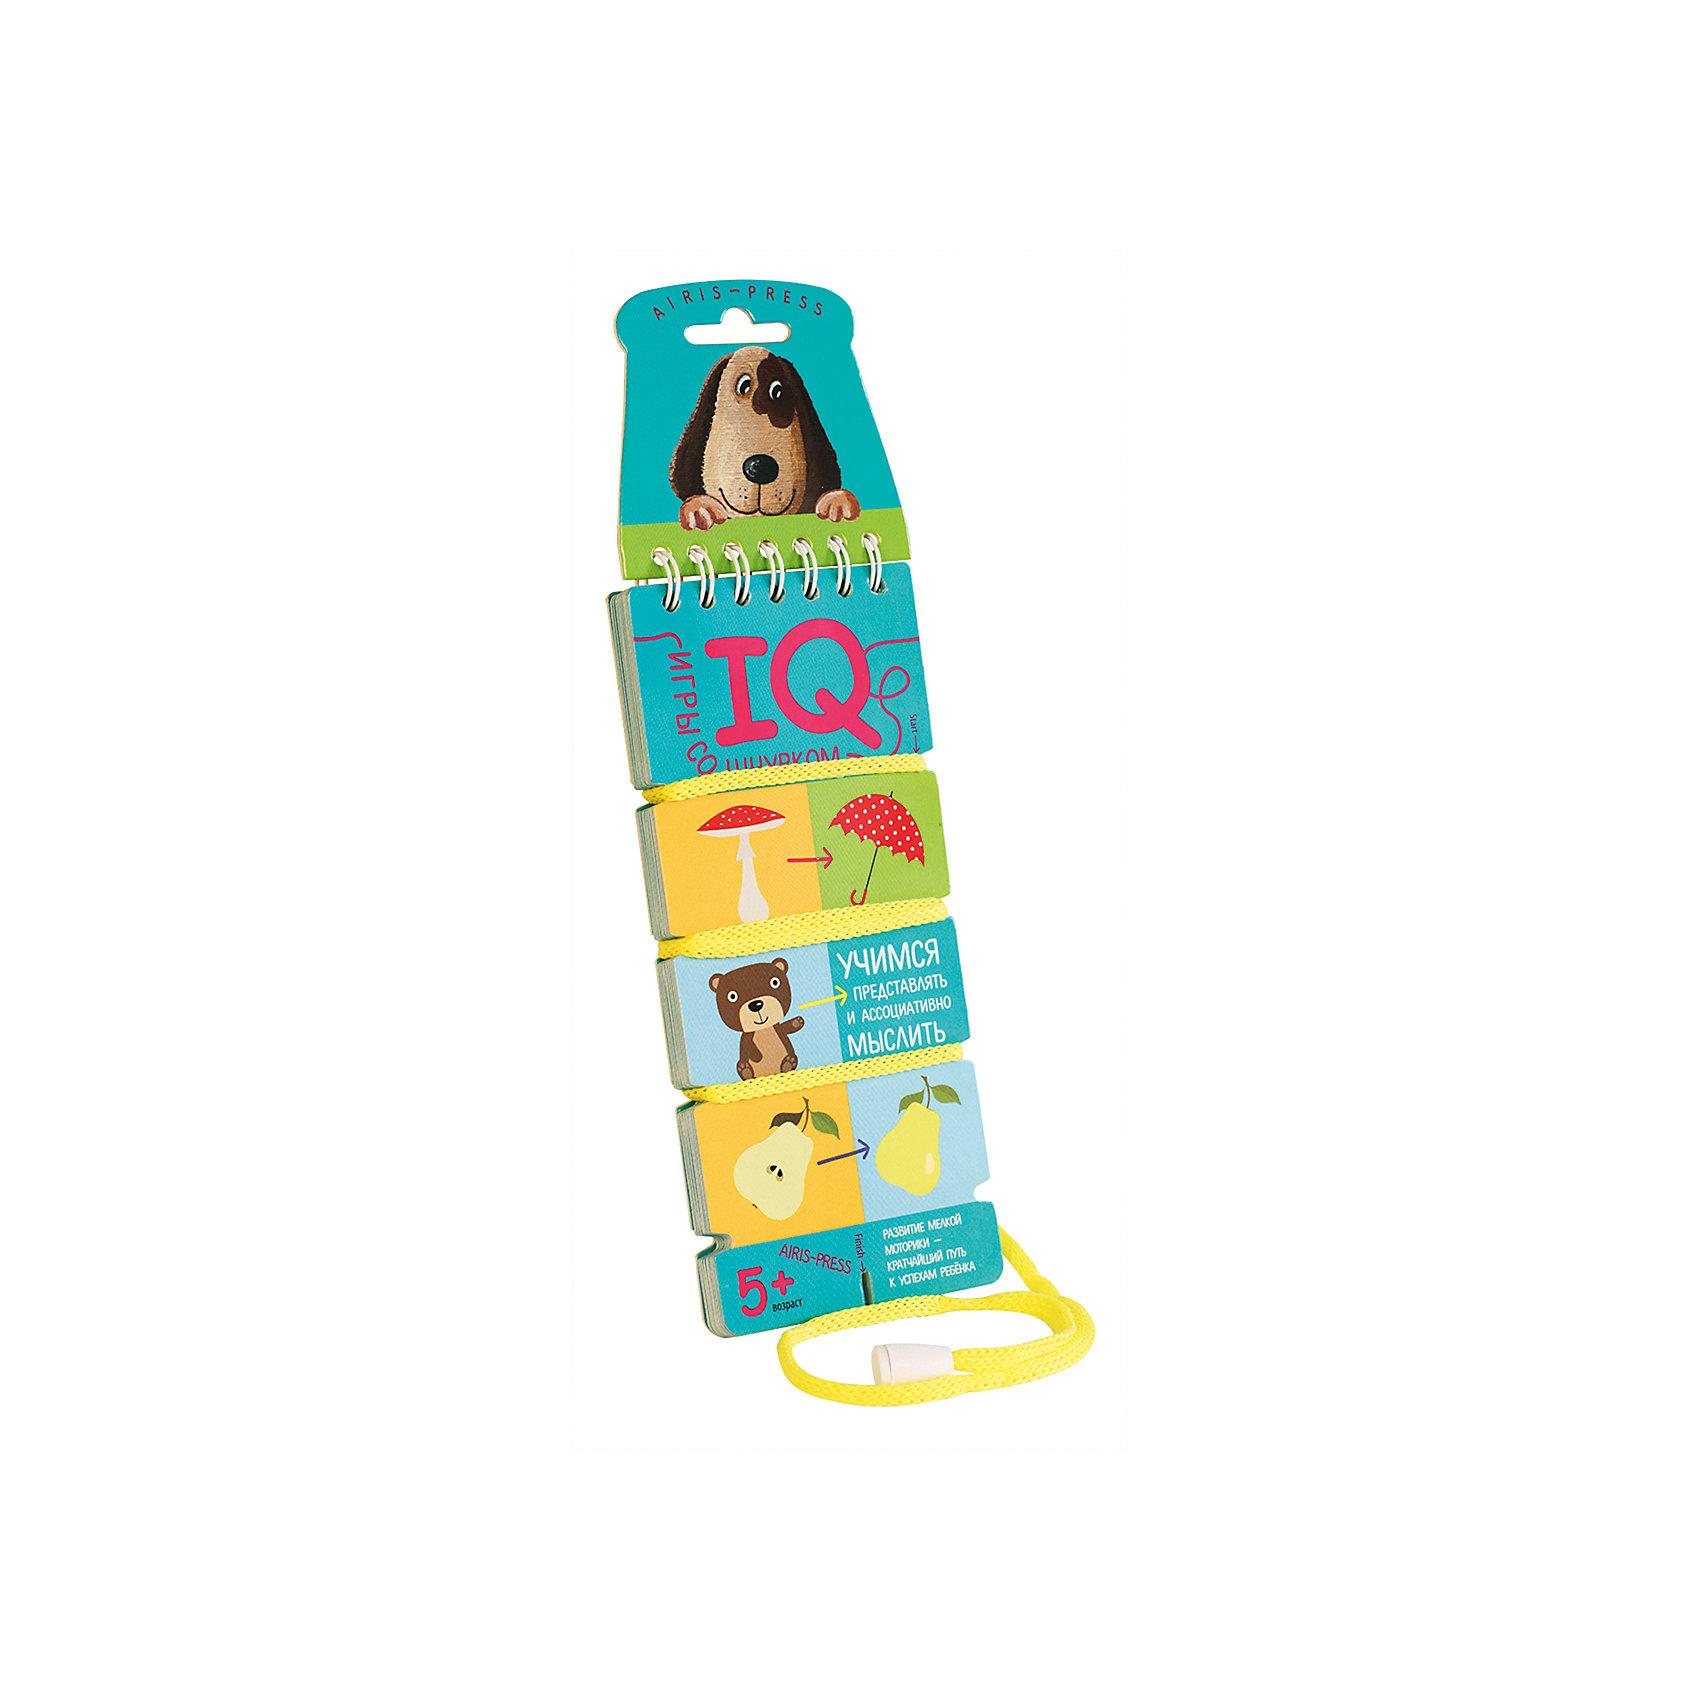 Игры со шнурком Учимся представлять и ассоциативно мыслить, Куликова Е.Н.Шнуровки<br>Учимся представлять и ассоциативно мыслить - это игровое пособие для развития воображения, памяти и ассоциативного мышления. Пособие, ориентированное на самостоятельную деятельность ребёнка, представляет собой небольшой блокнот со шнурком, состоящий из 18 картонных карточек. Выполняя задания на карточках-страничках, ребёнок учится ассоциативно мыслить, находя картинки, похожие по форме, цвету, контуру или силуэту. Проверить правильность своих ответов ребёнок сможет самостоятельно по линиям на оборотной стороне карточек, развивая тем самым мелкую моторику и координацию движений. Простота и удобство пособия позволяют использовать его в детском саду, дома и на отдыхе.&#13;<br>Предназначено для детей старше 5 лет.<br><br>Ширина мм: 36<br>Глубина мм: 70<br>Высота мм: 160<br>Вес г: 62<br>Возраст от месяцев: 60<br>Возраст до месяцев: 84<br>Пол: Унисекс<br>Возраст: Детский<br>SKU: 6849571